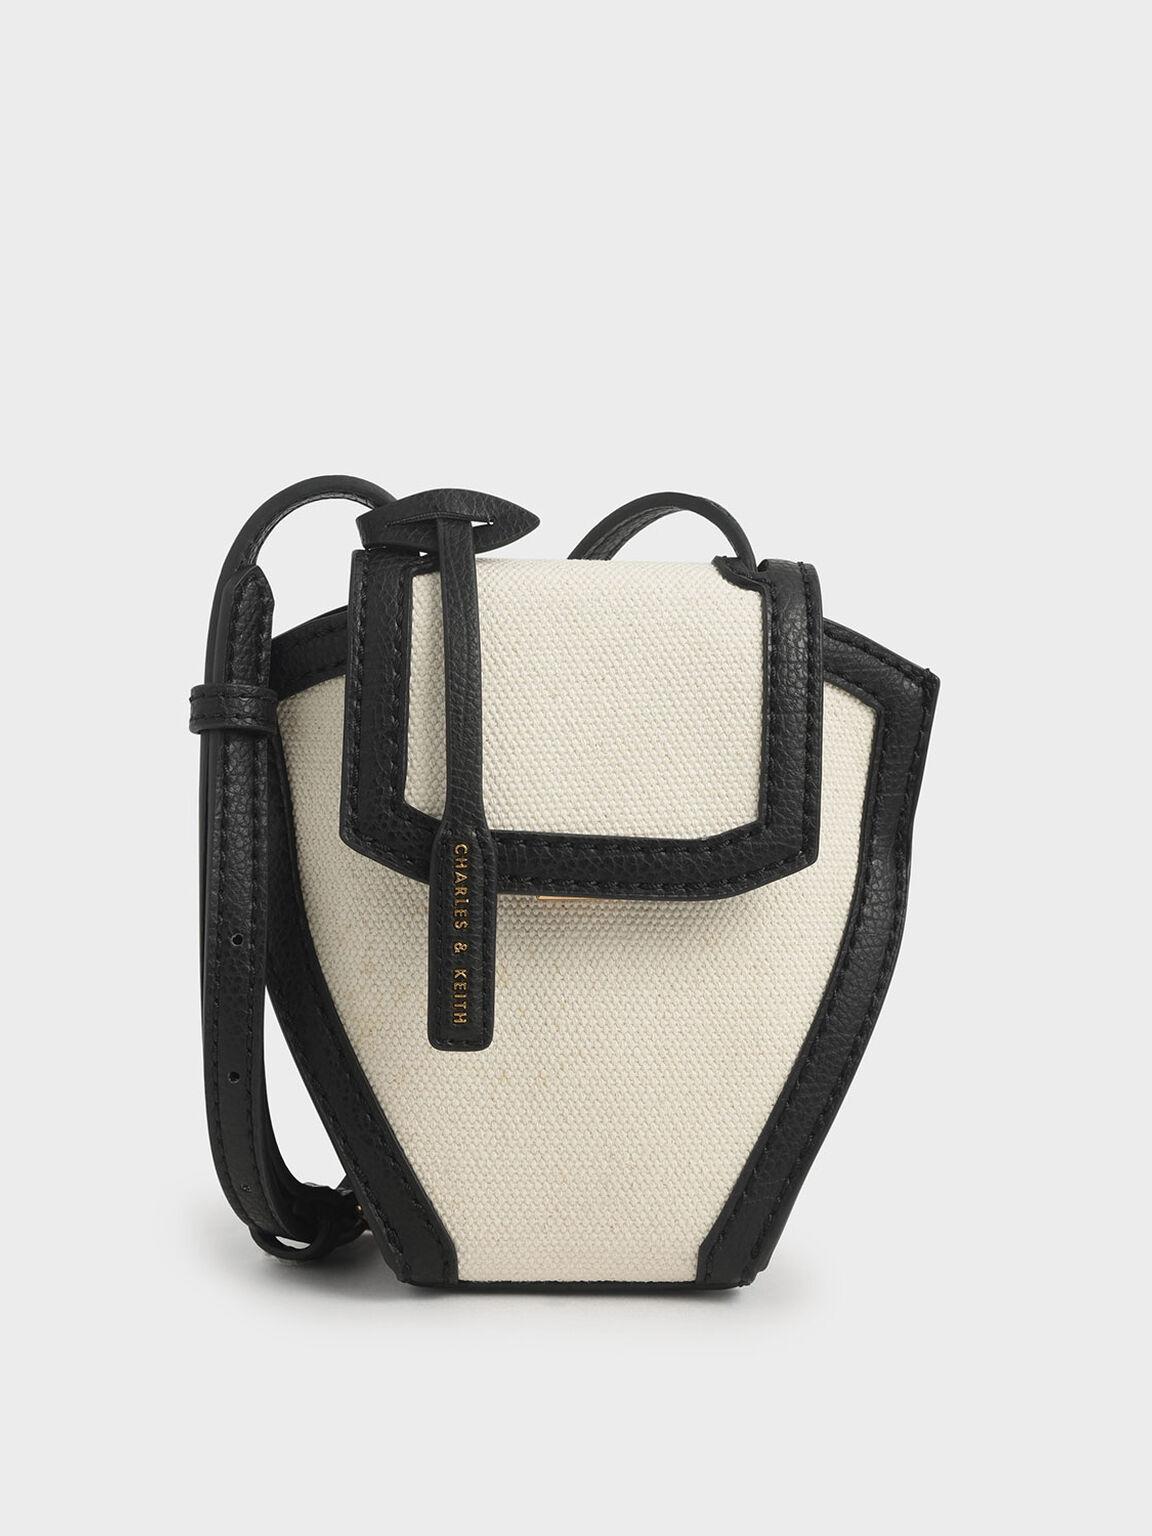 Geometric Canvas Crossbody Bag, Black Textured, hi-res